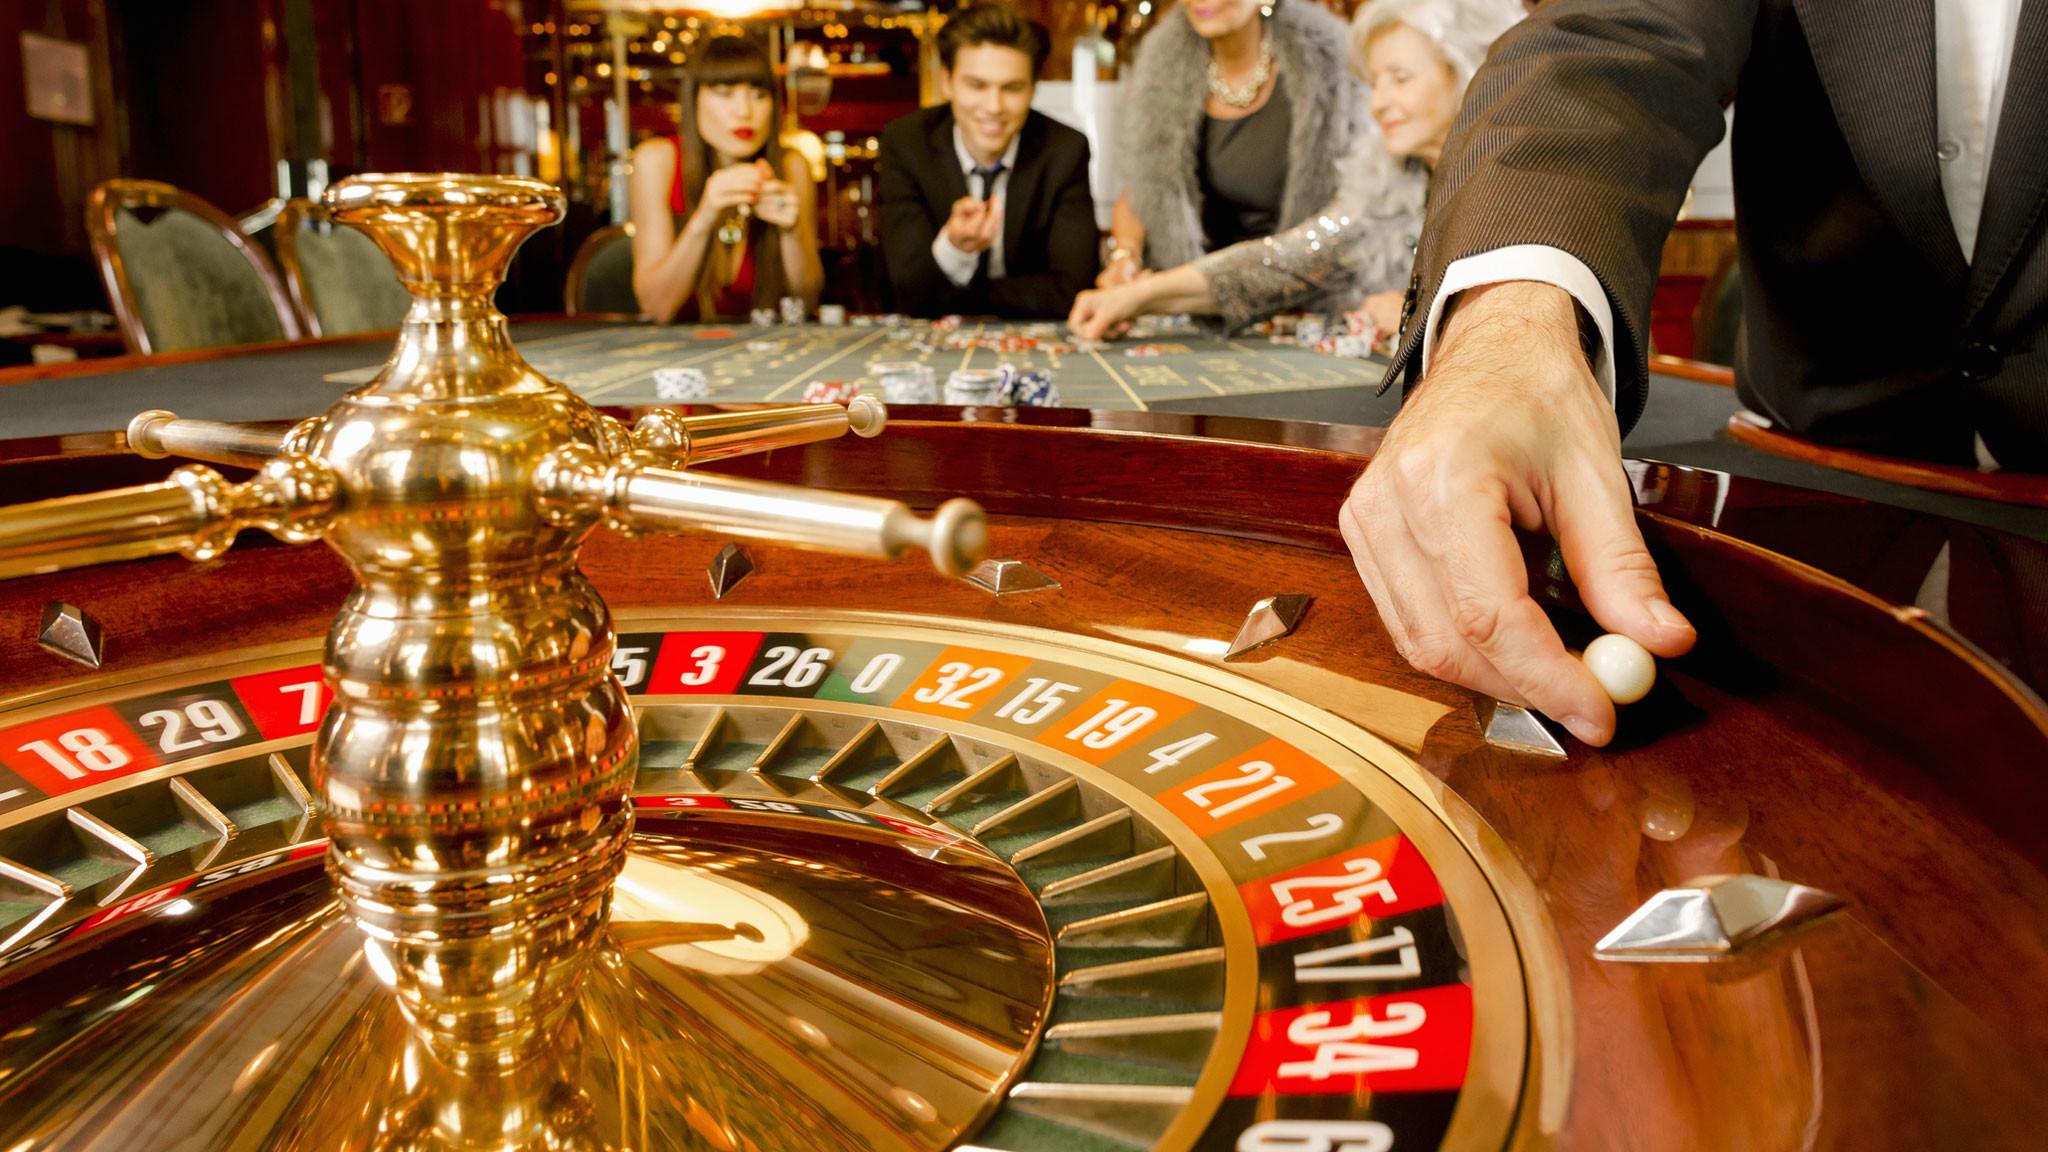 big cash casino düsseldorf germany